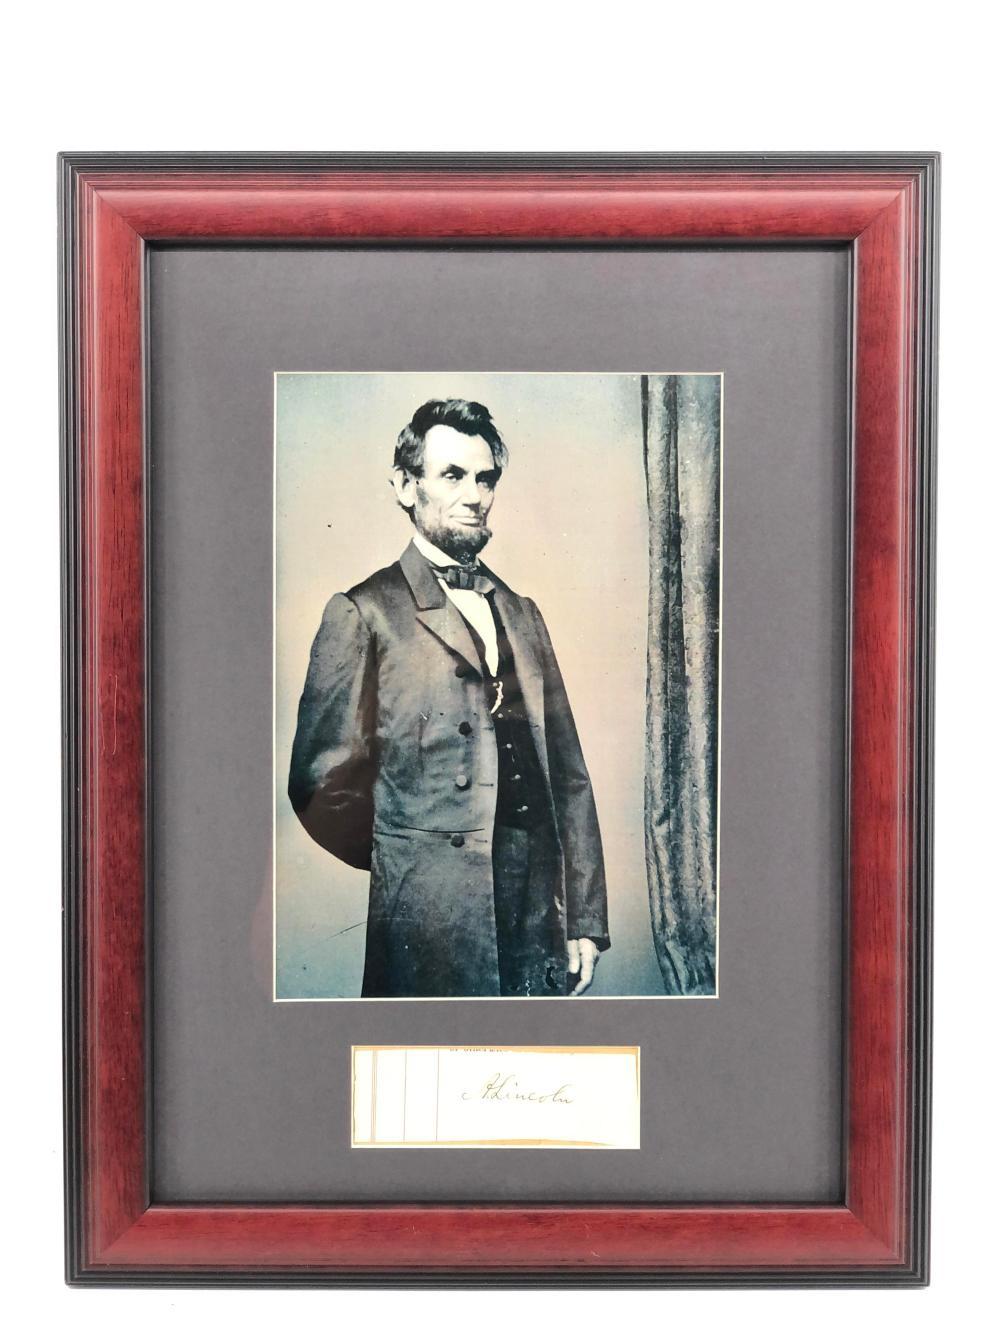 AUTHENTIC ABRAHAM LINCOLN AUTOGRAPH & PHOTOGRAPH